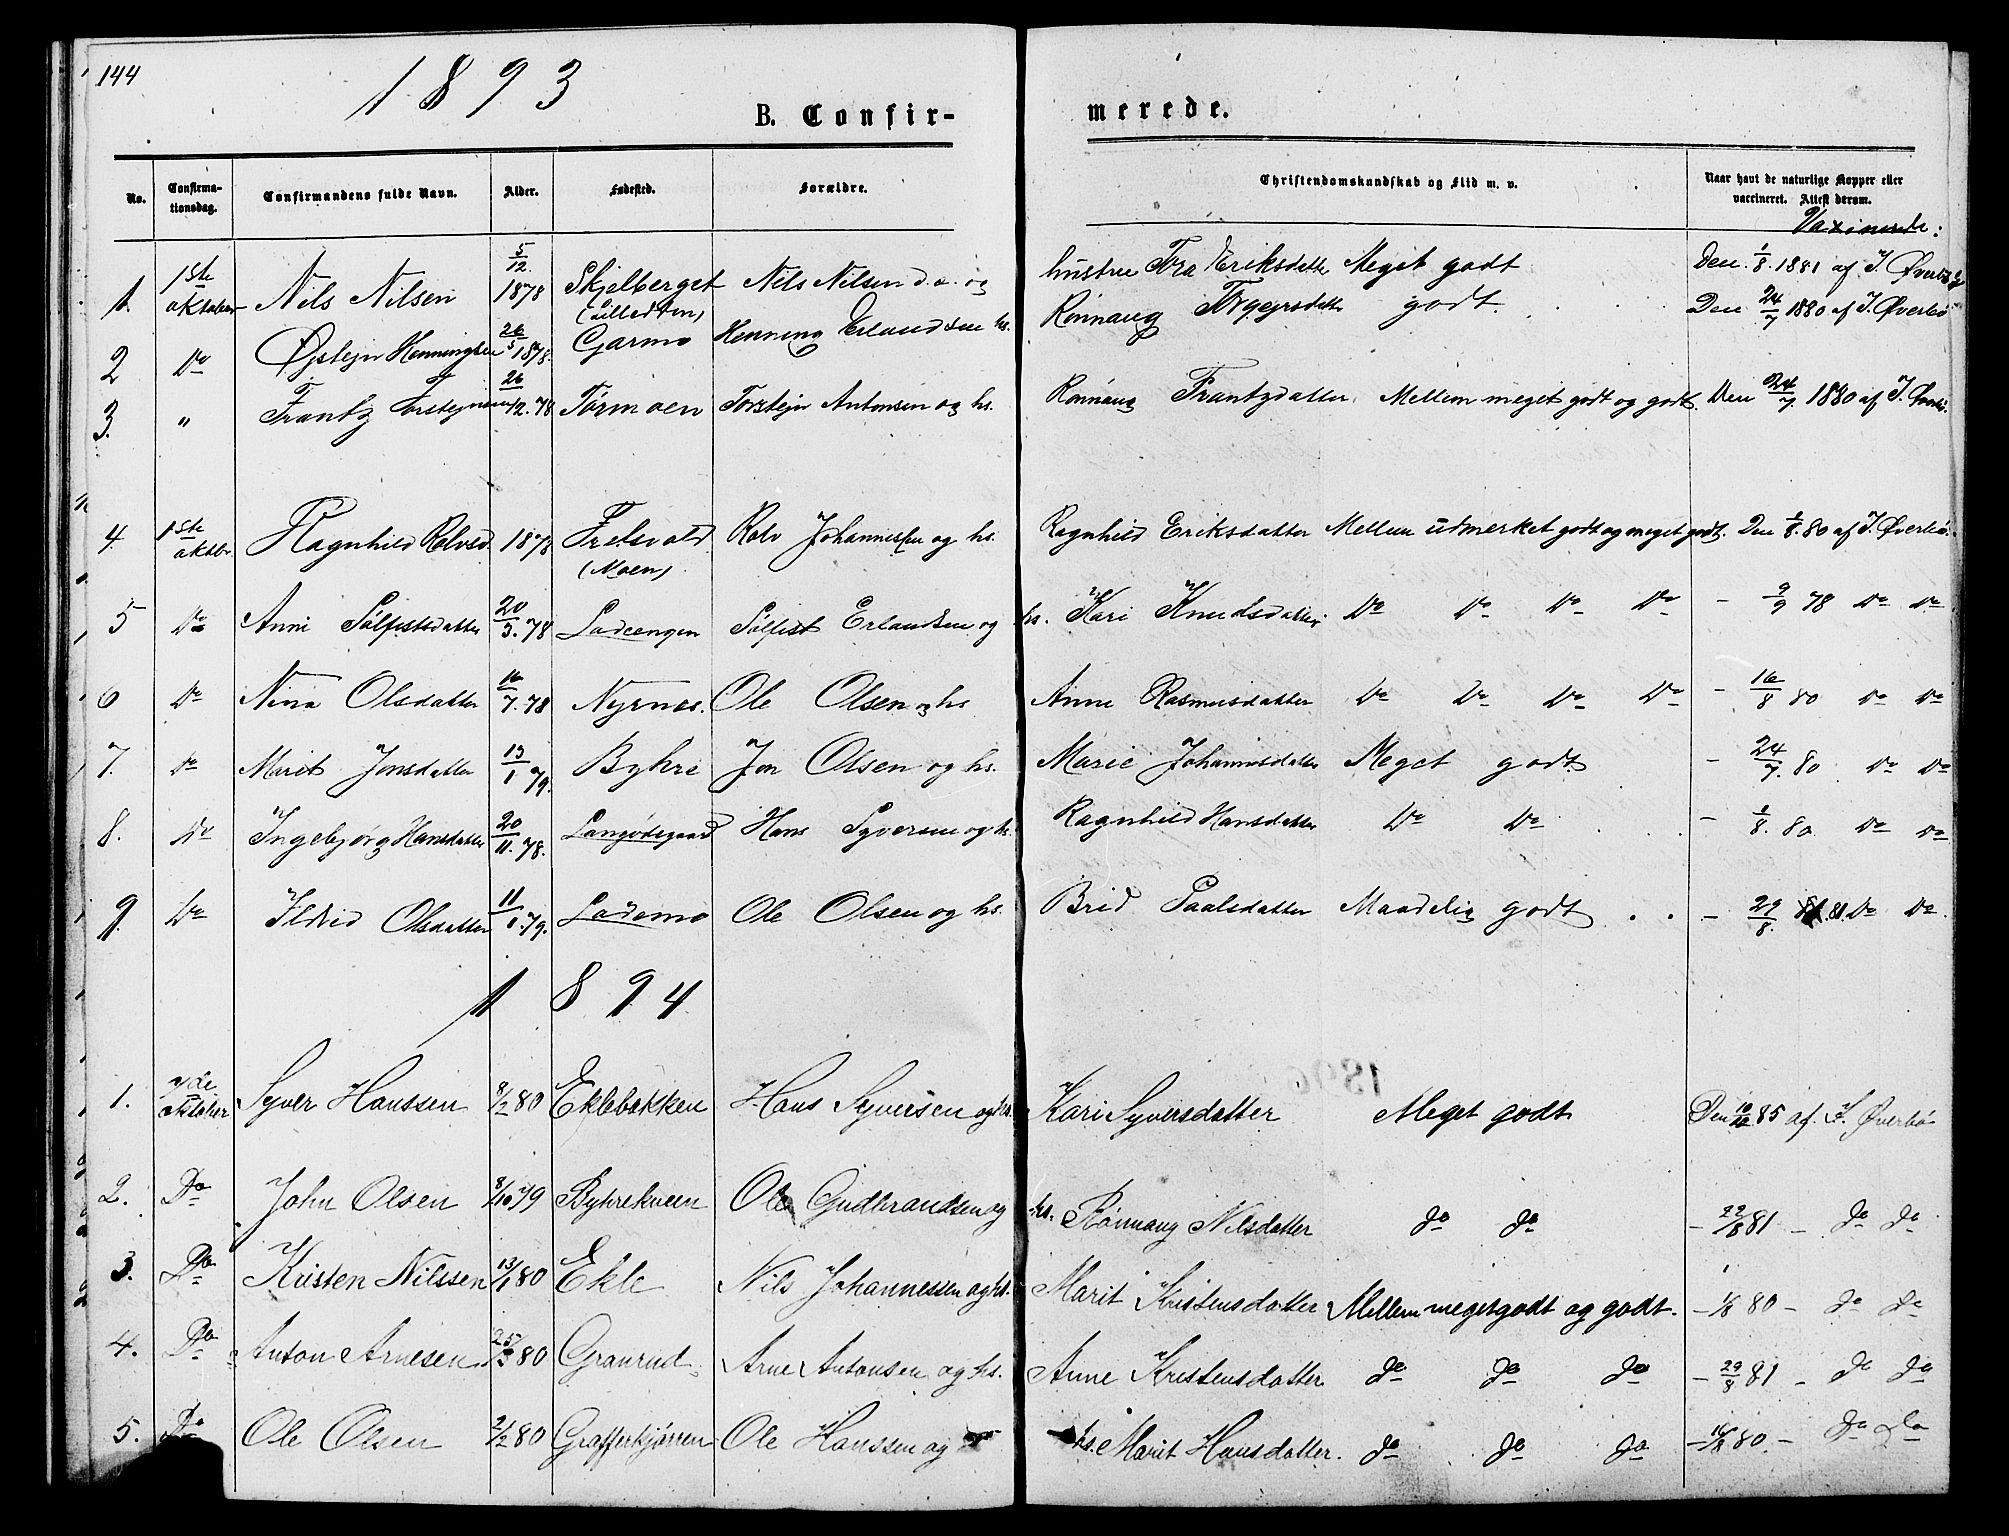 SAH, Lom prestekontor, L/L0005: Klokkerbok nr. 5, 1876-1901, s. 144-145